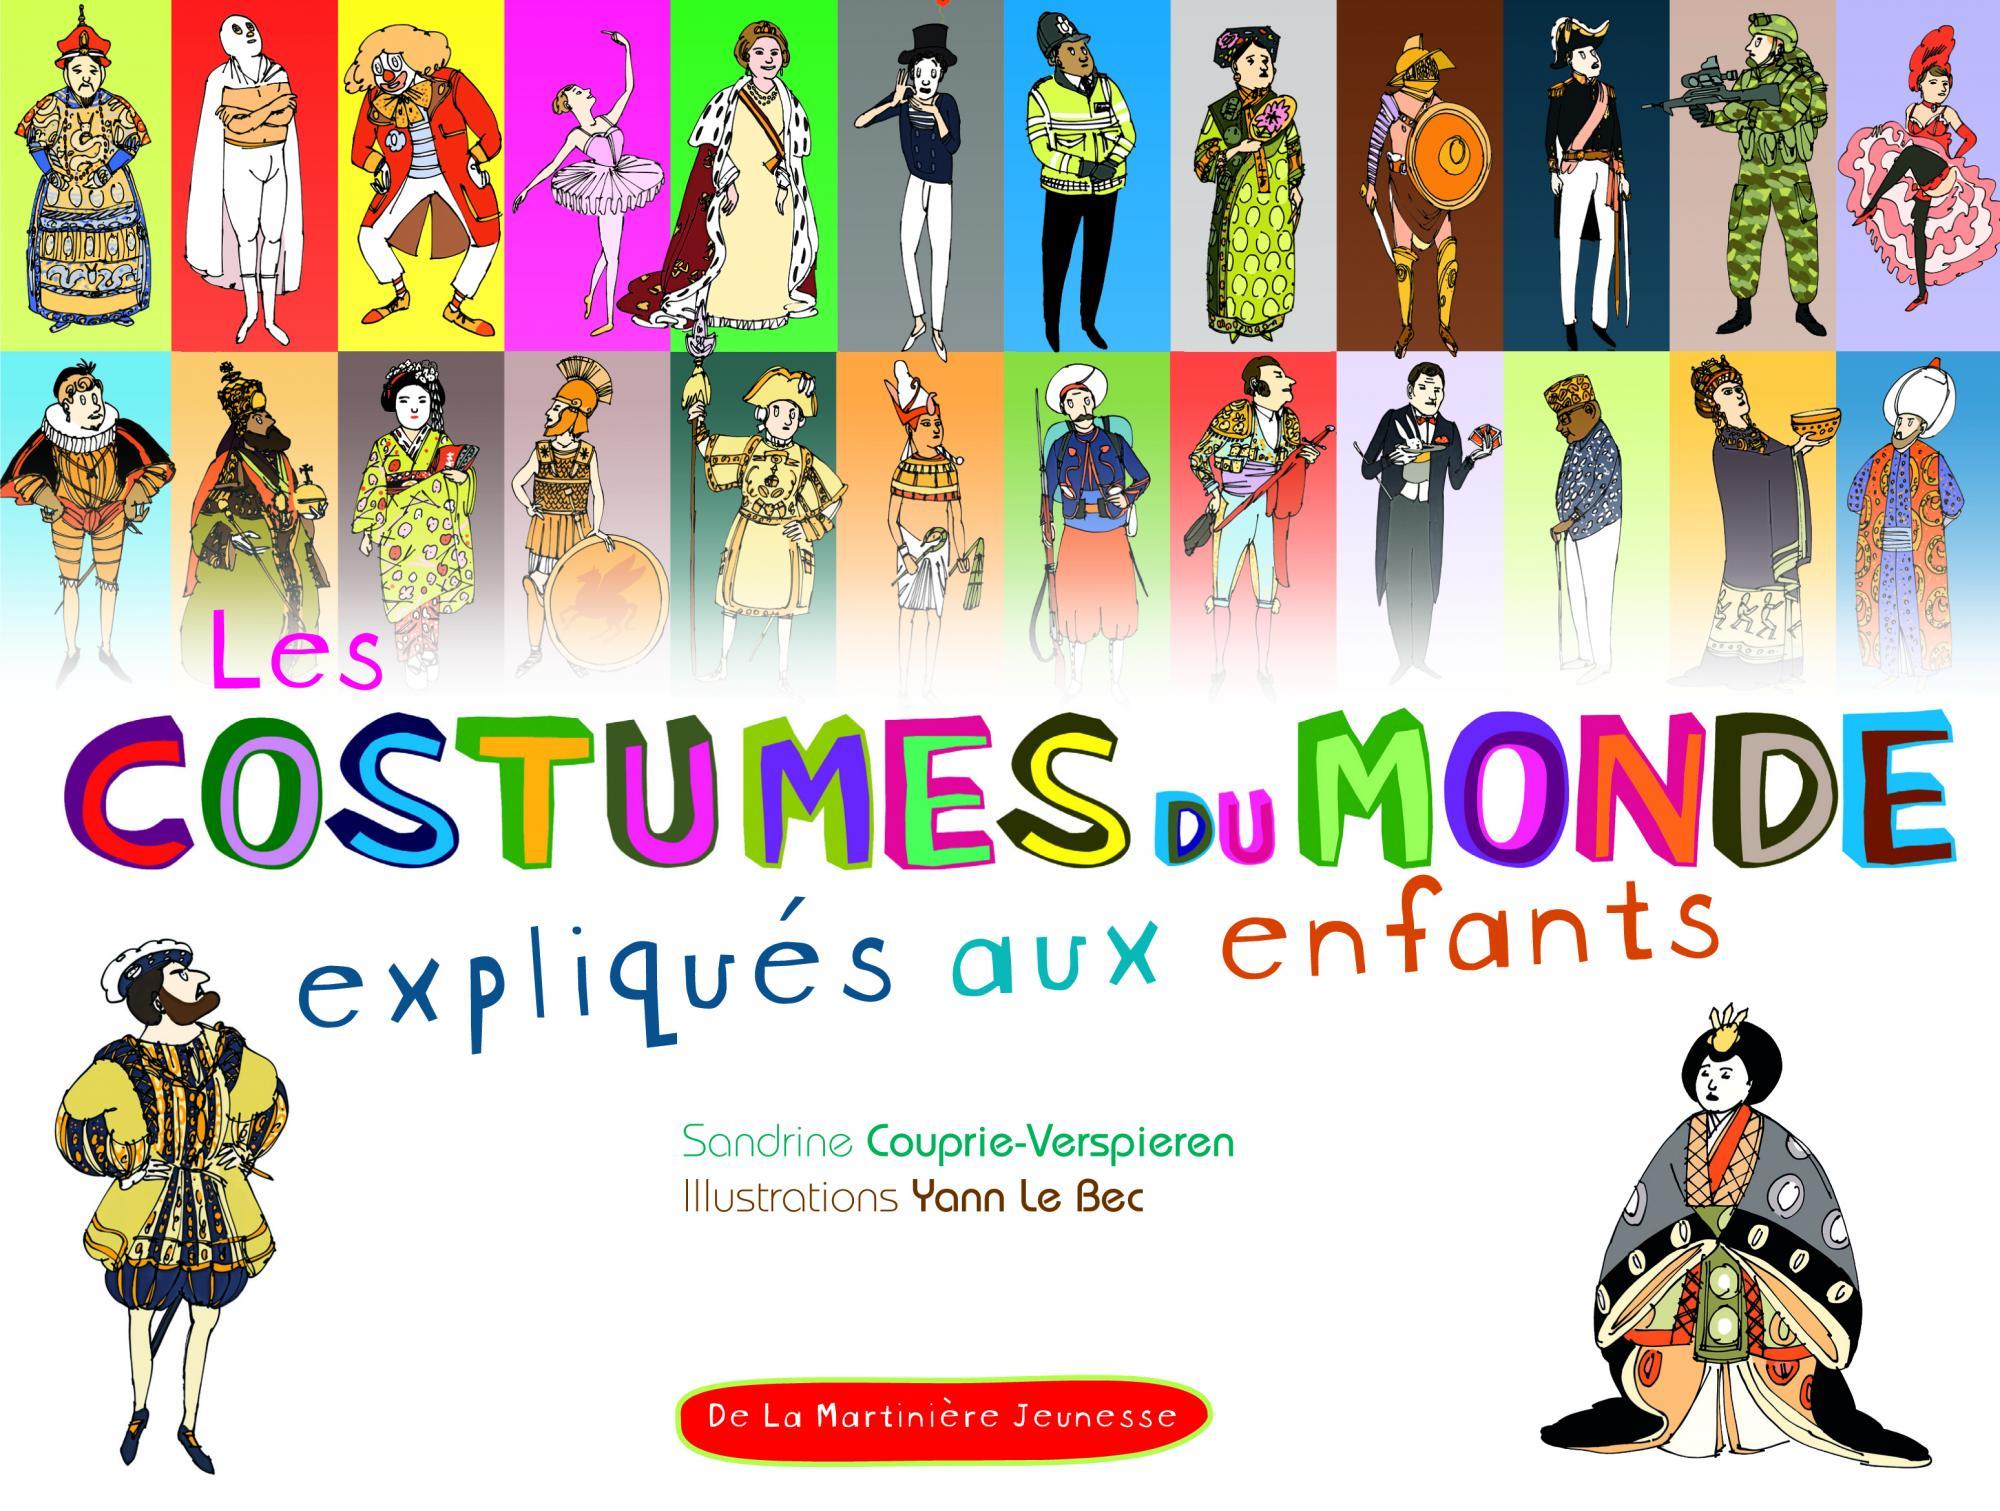 Couverture de l\u0027ouvrage Les Costumes du monde expliqués aux enfants